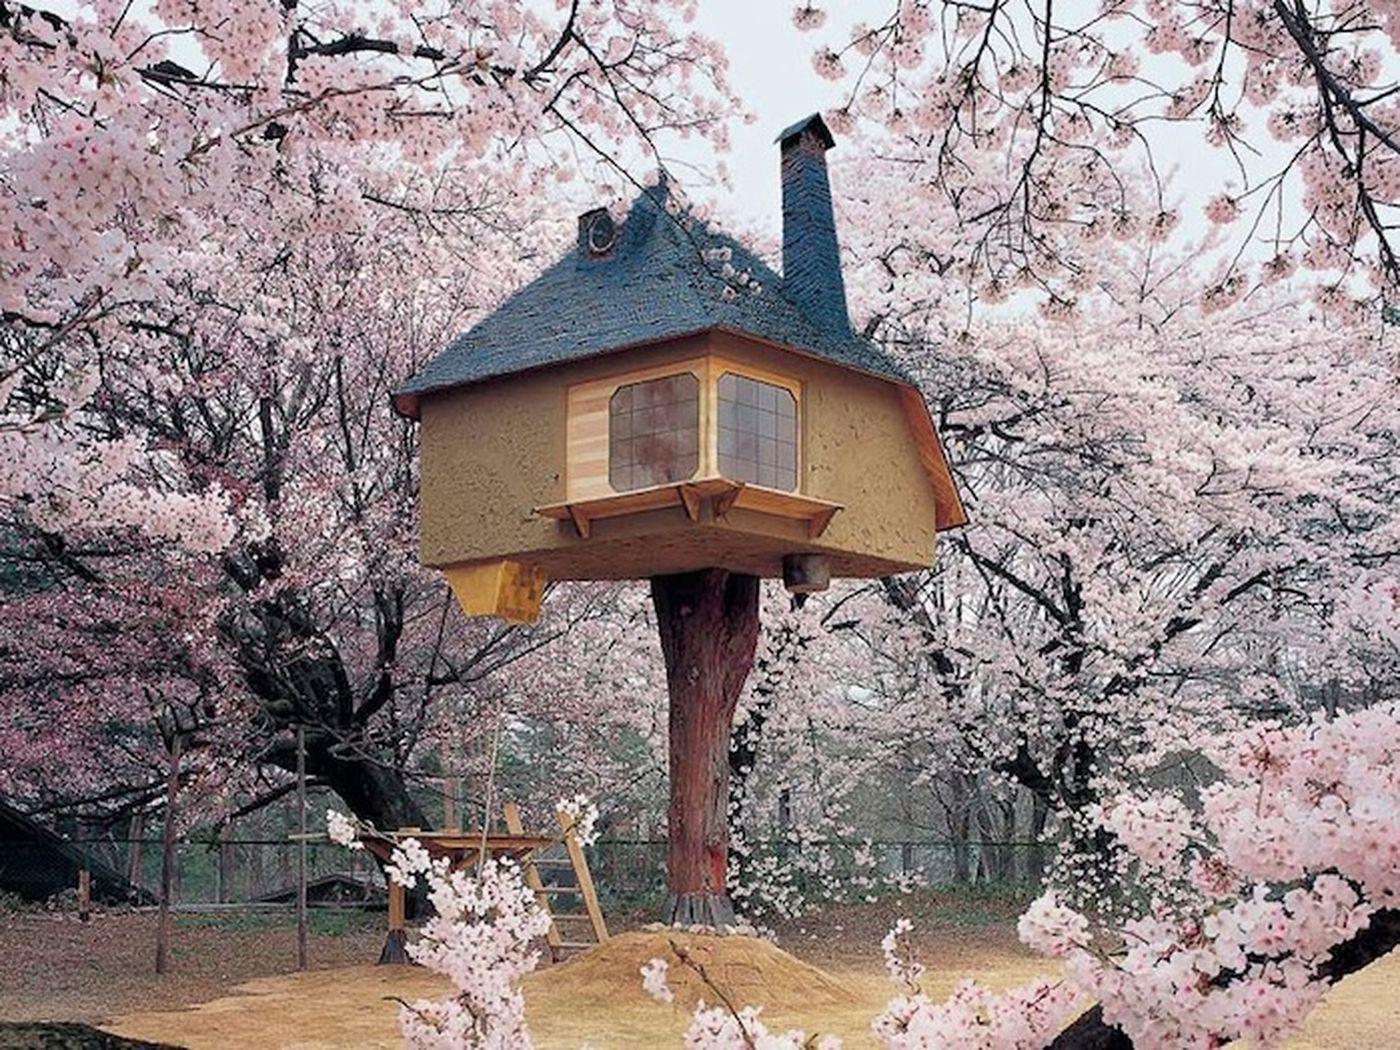 La casa del the (Giapponese)